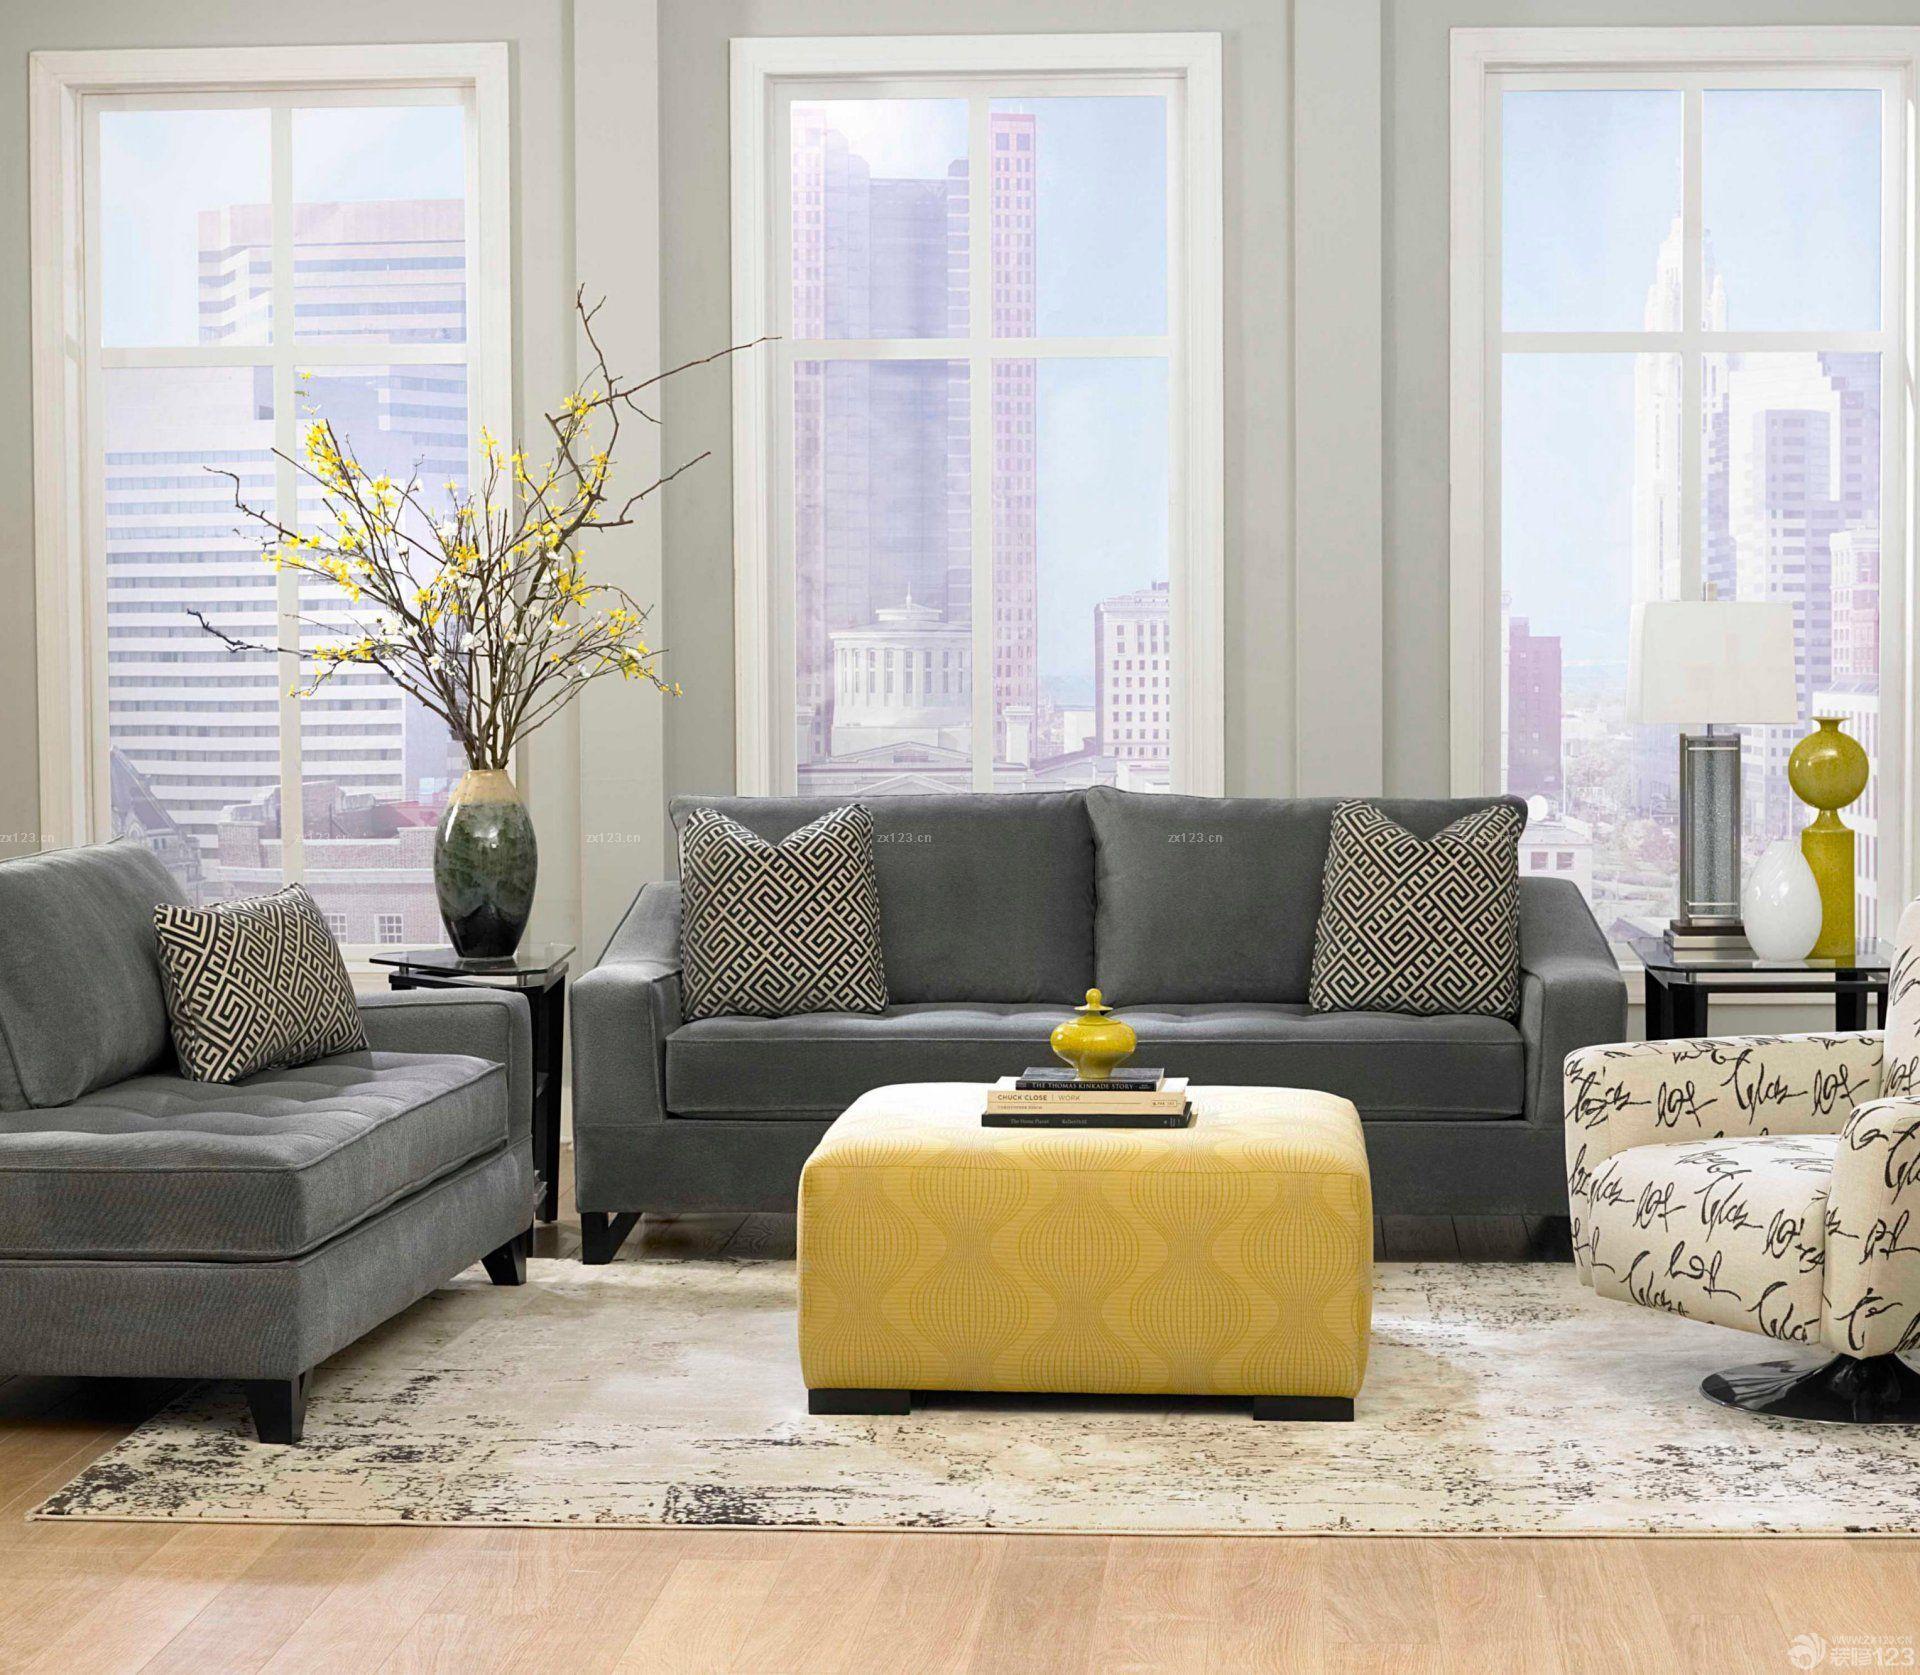 90平标准户型客厅窗户装修效果图